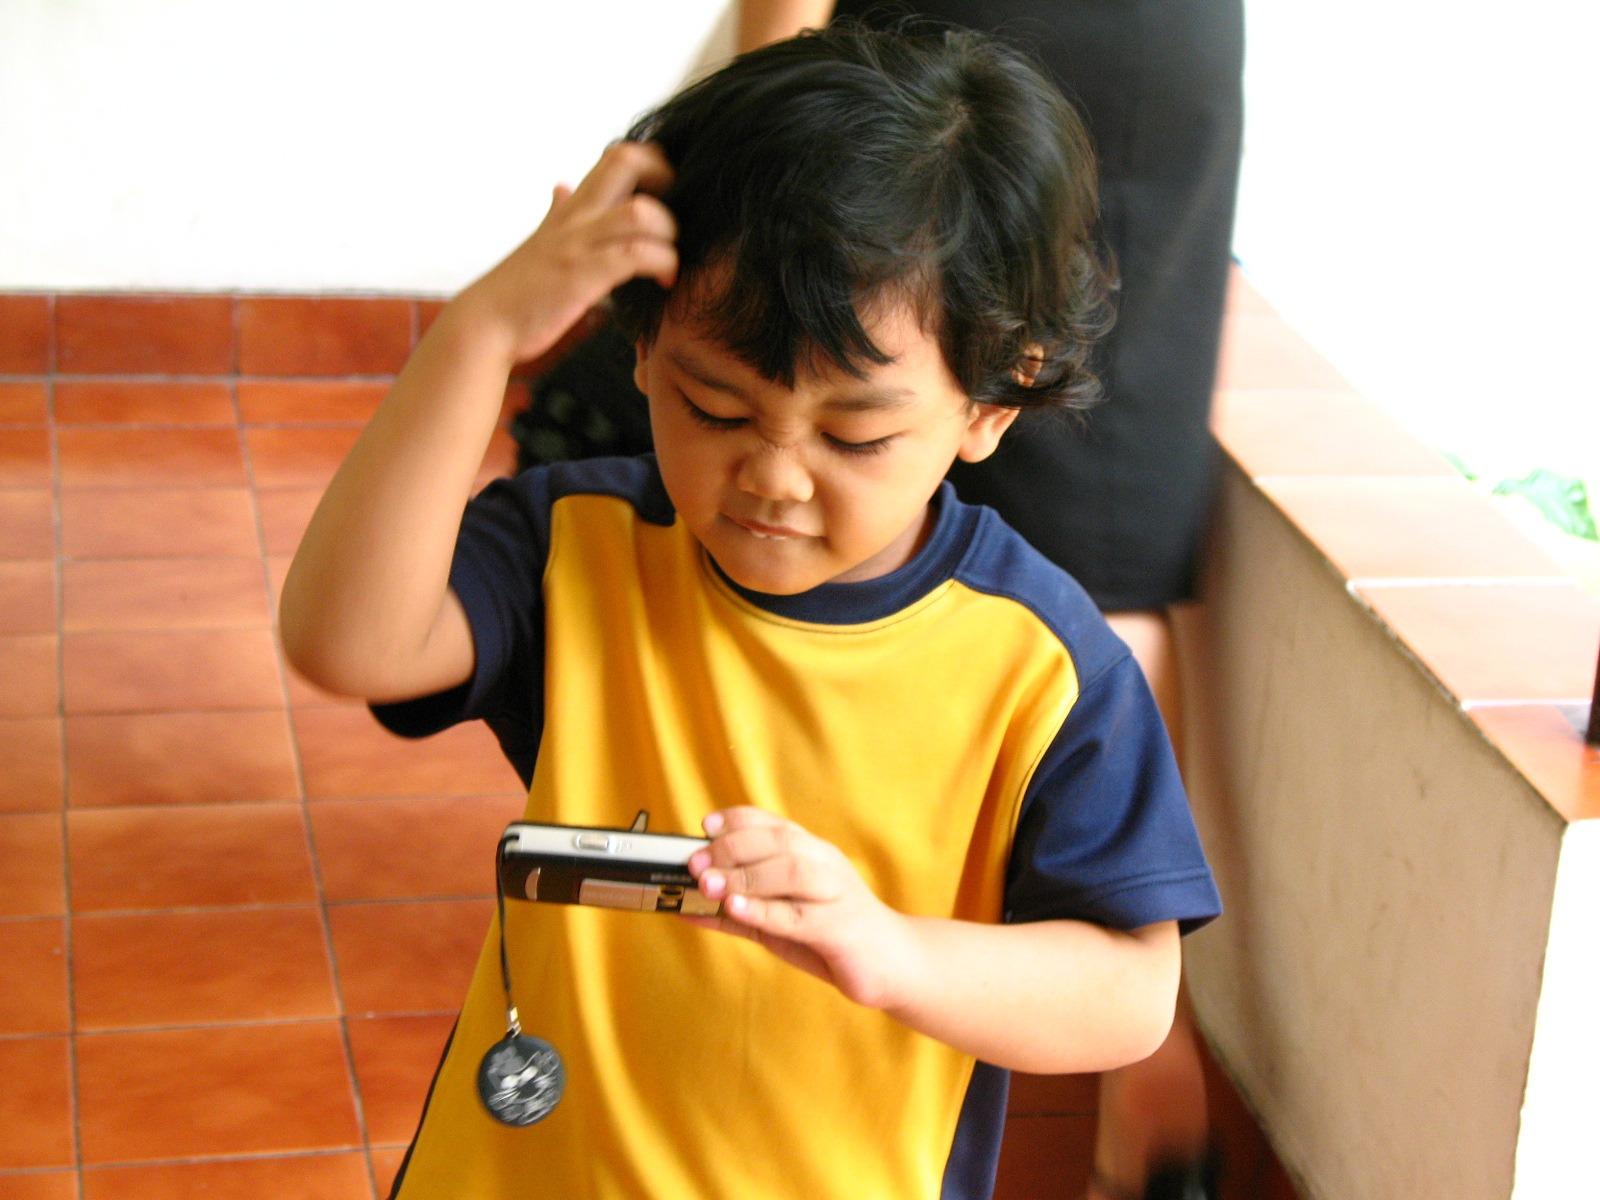 persona jugar chico niño joven juventud niño humano niñito colegial  perplejo aprendizaje perplejo confuso Confusión Posiciones daa0dbce885